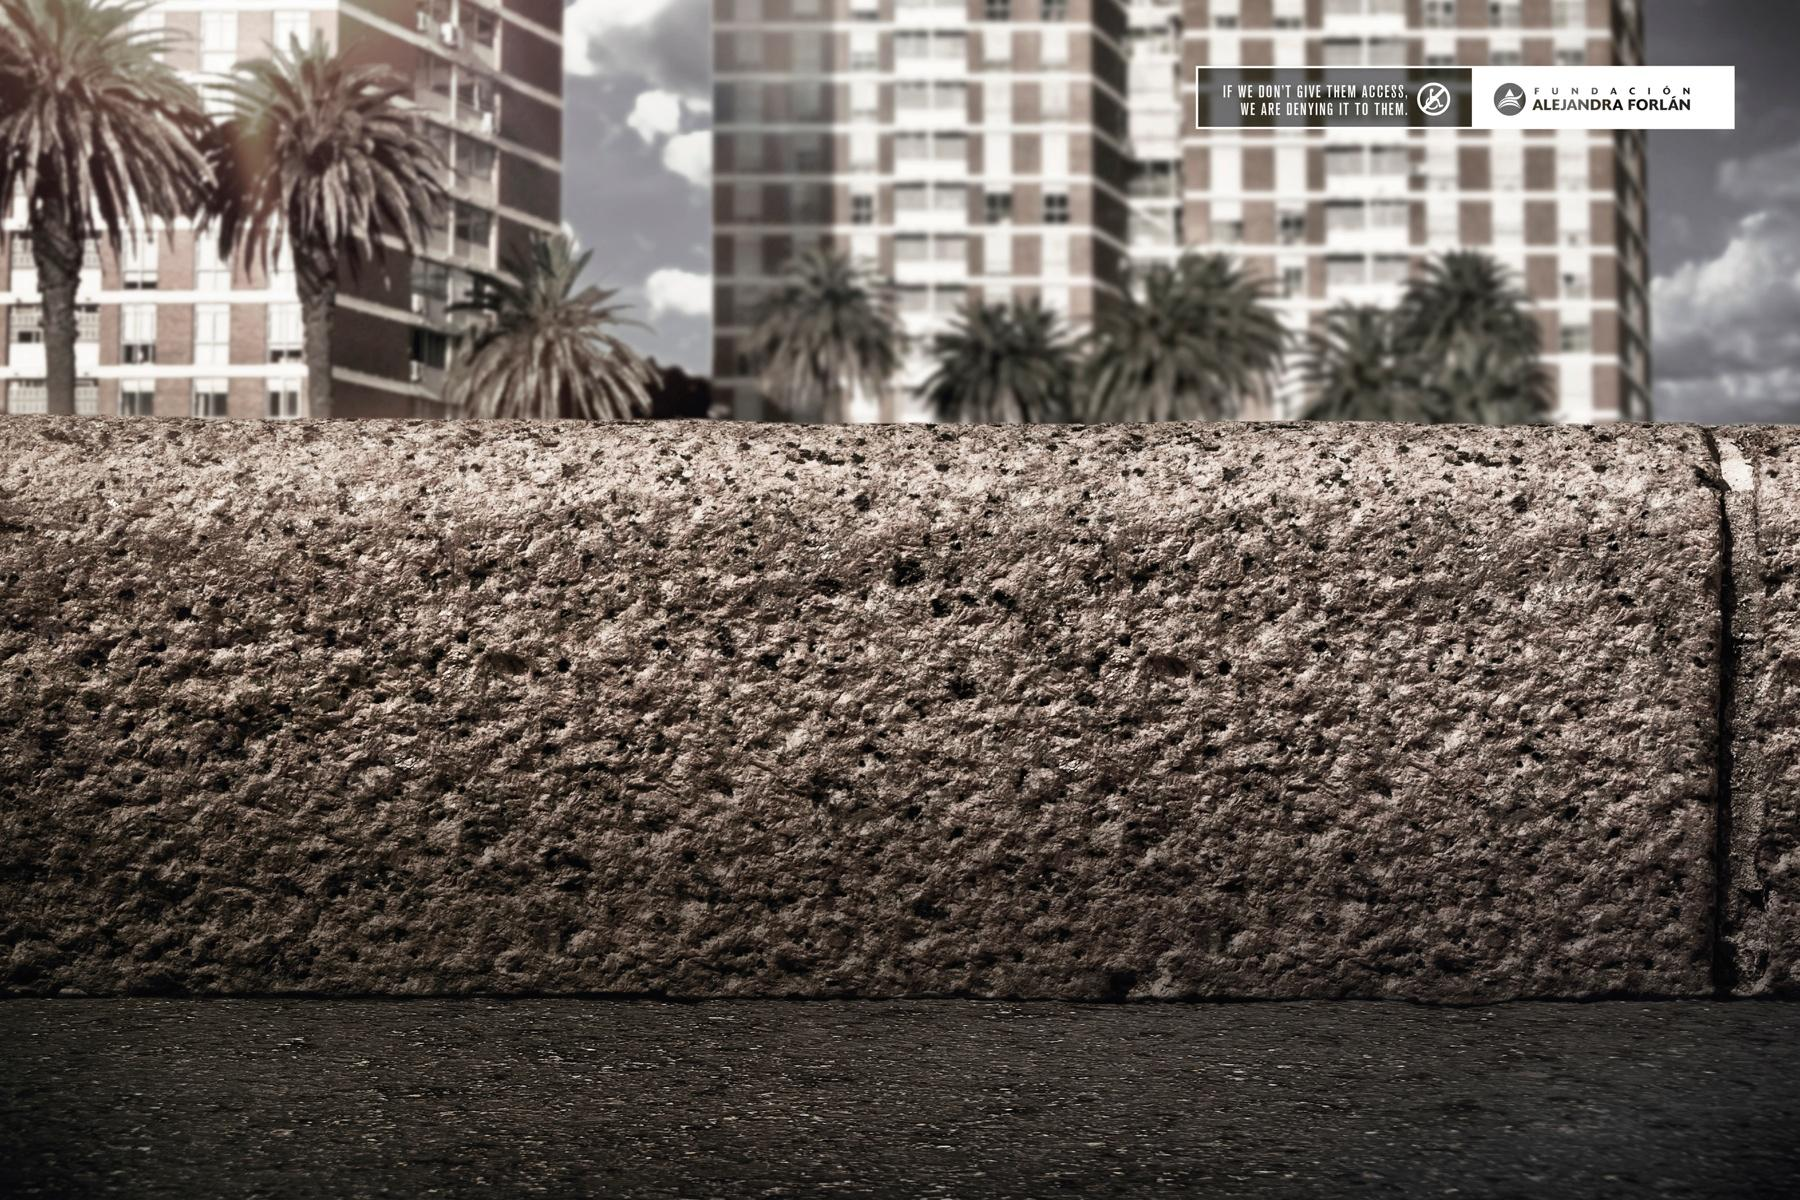 Fundación Alejandra Forlán Print Ad -  Sidewalk, 2